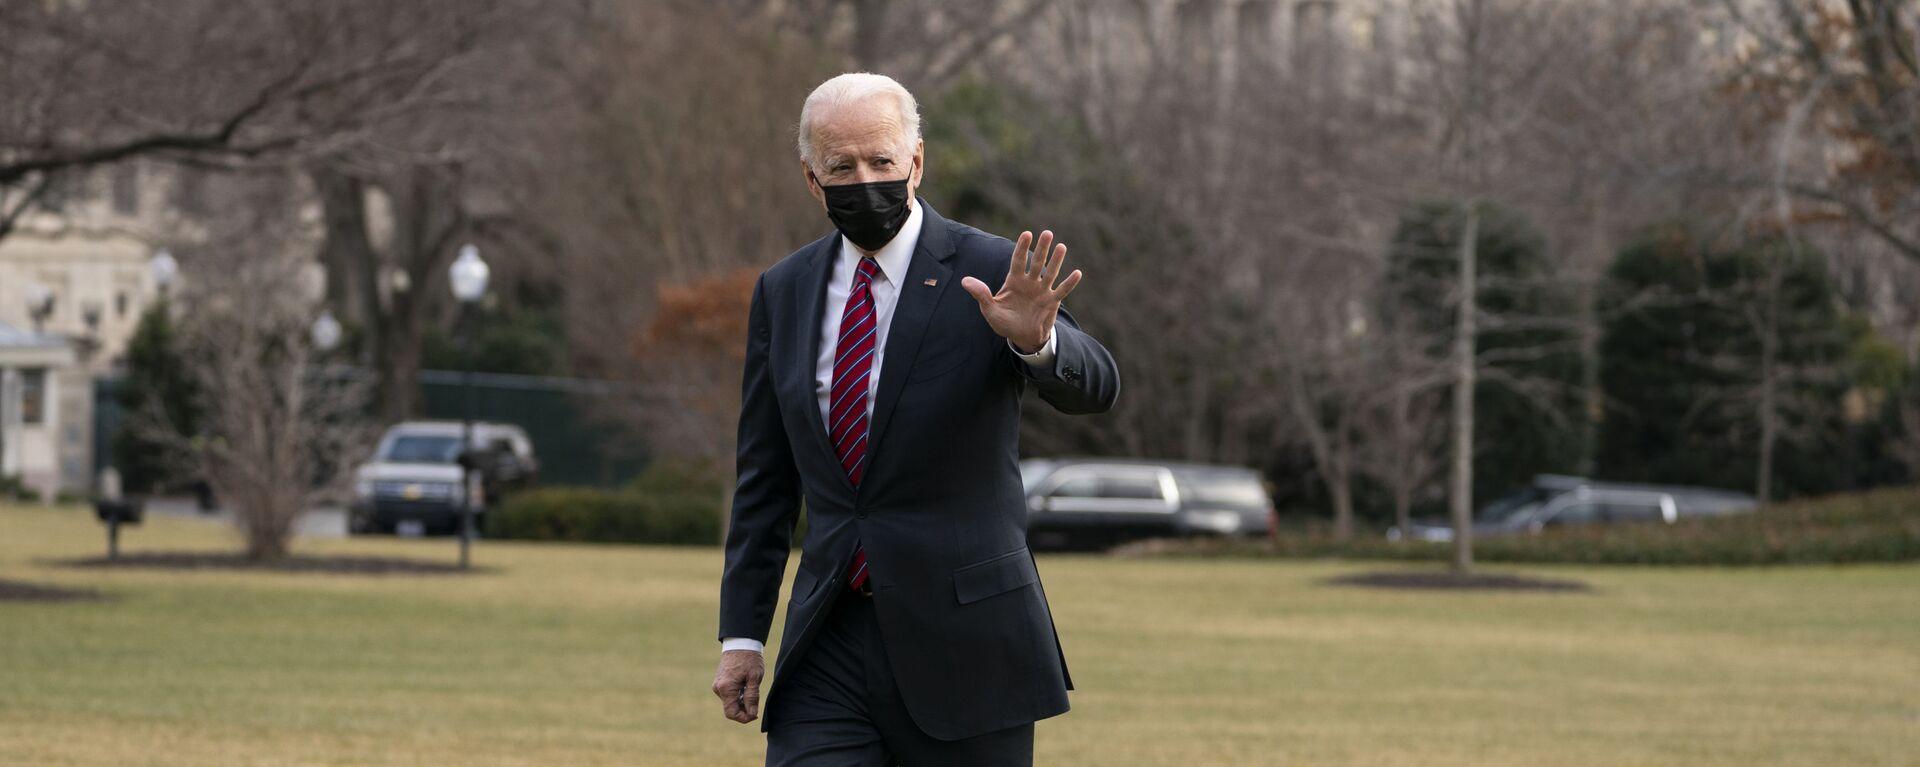 Joe Biden, presidente de EEUU, en el jardín de la Casa Blanca, en Washington, el 29 de enero del 2021 - Sputnik Mundo, 1920, 17.06.2021